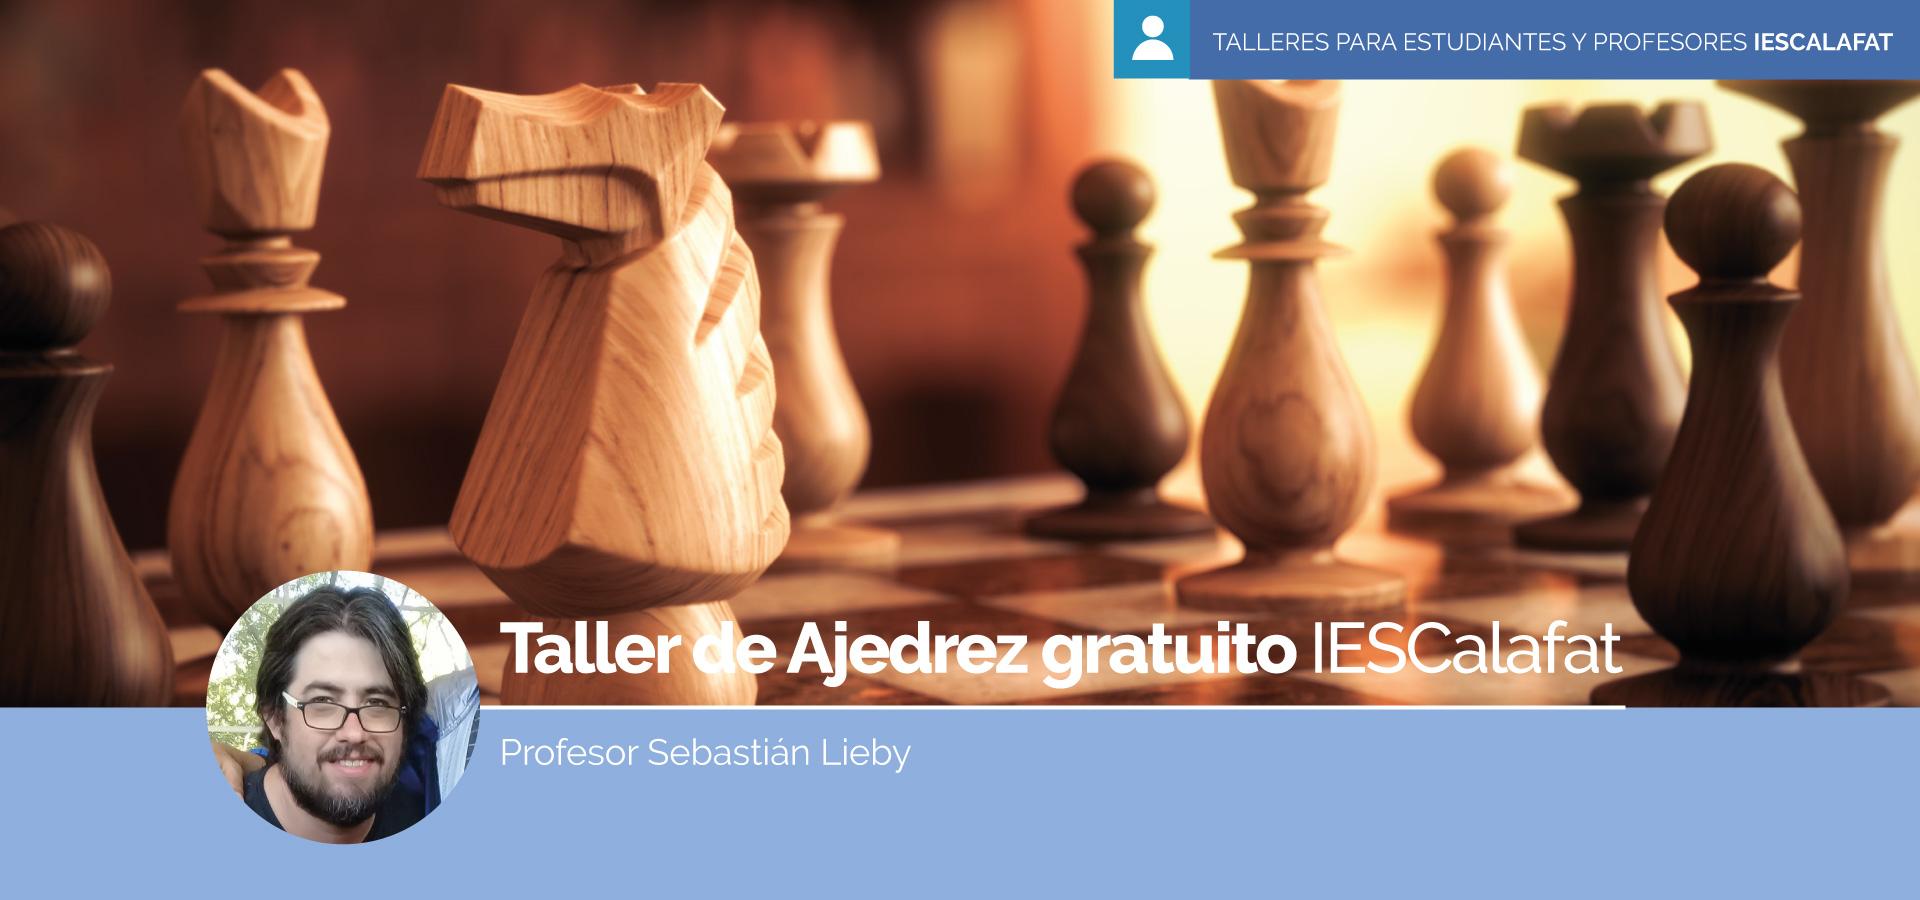 Taller de Ajedrez gratuito para estudiantes y profesores